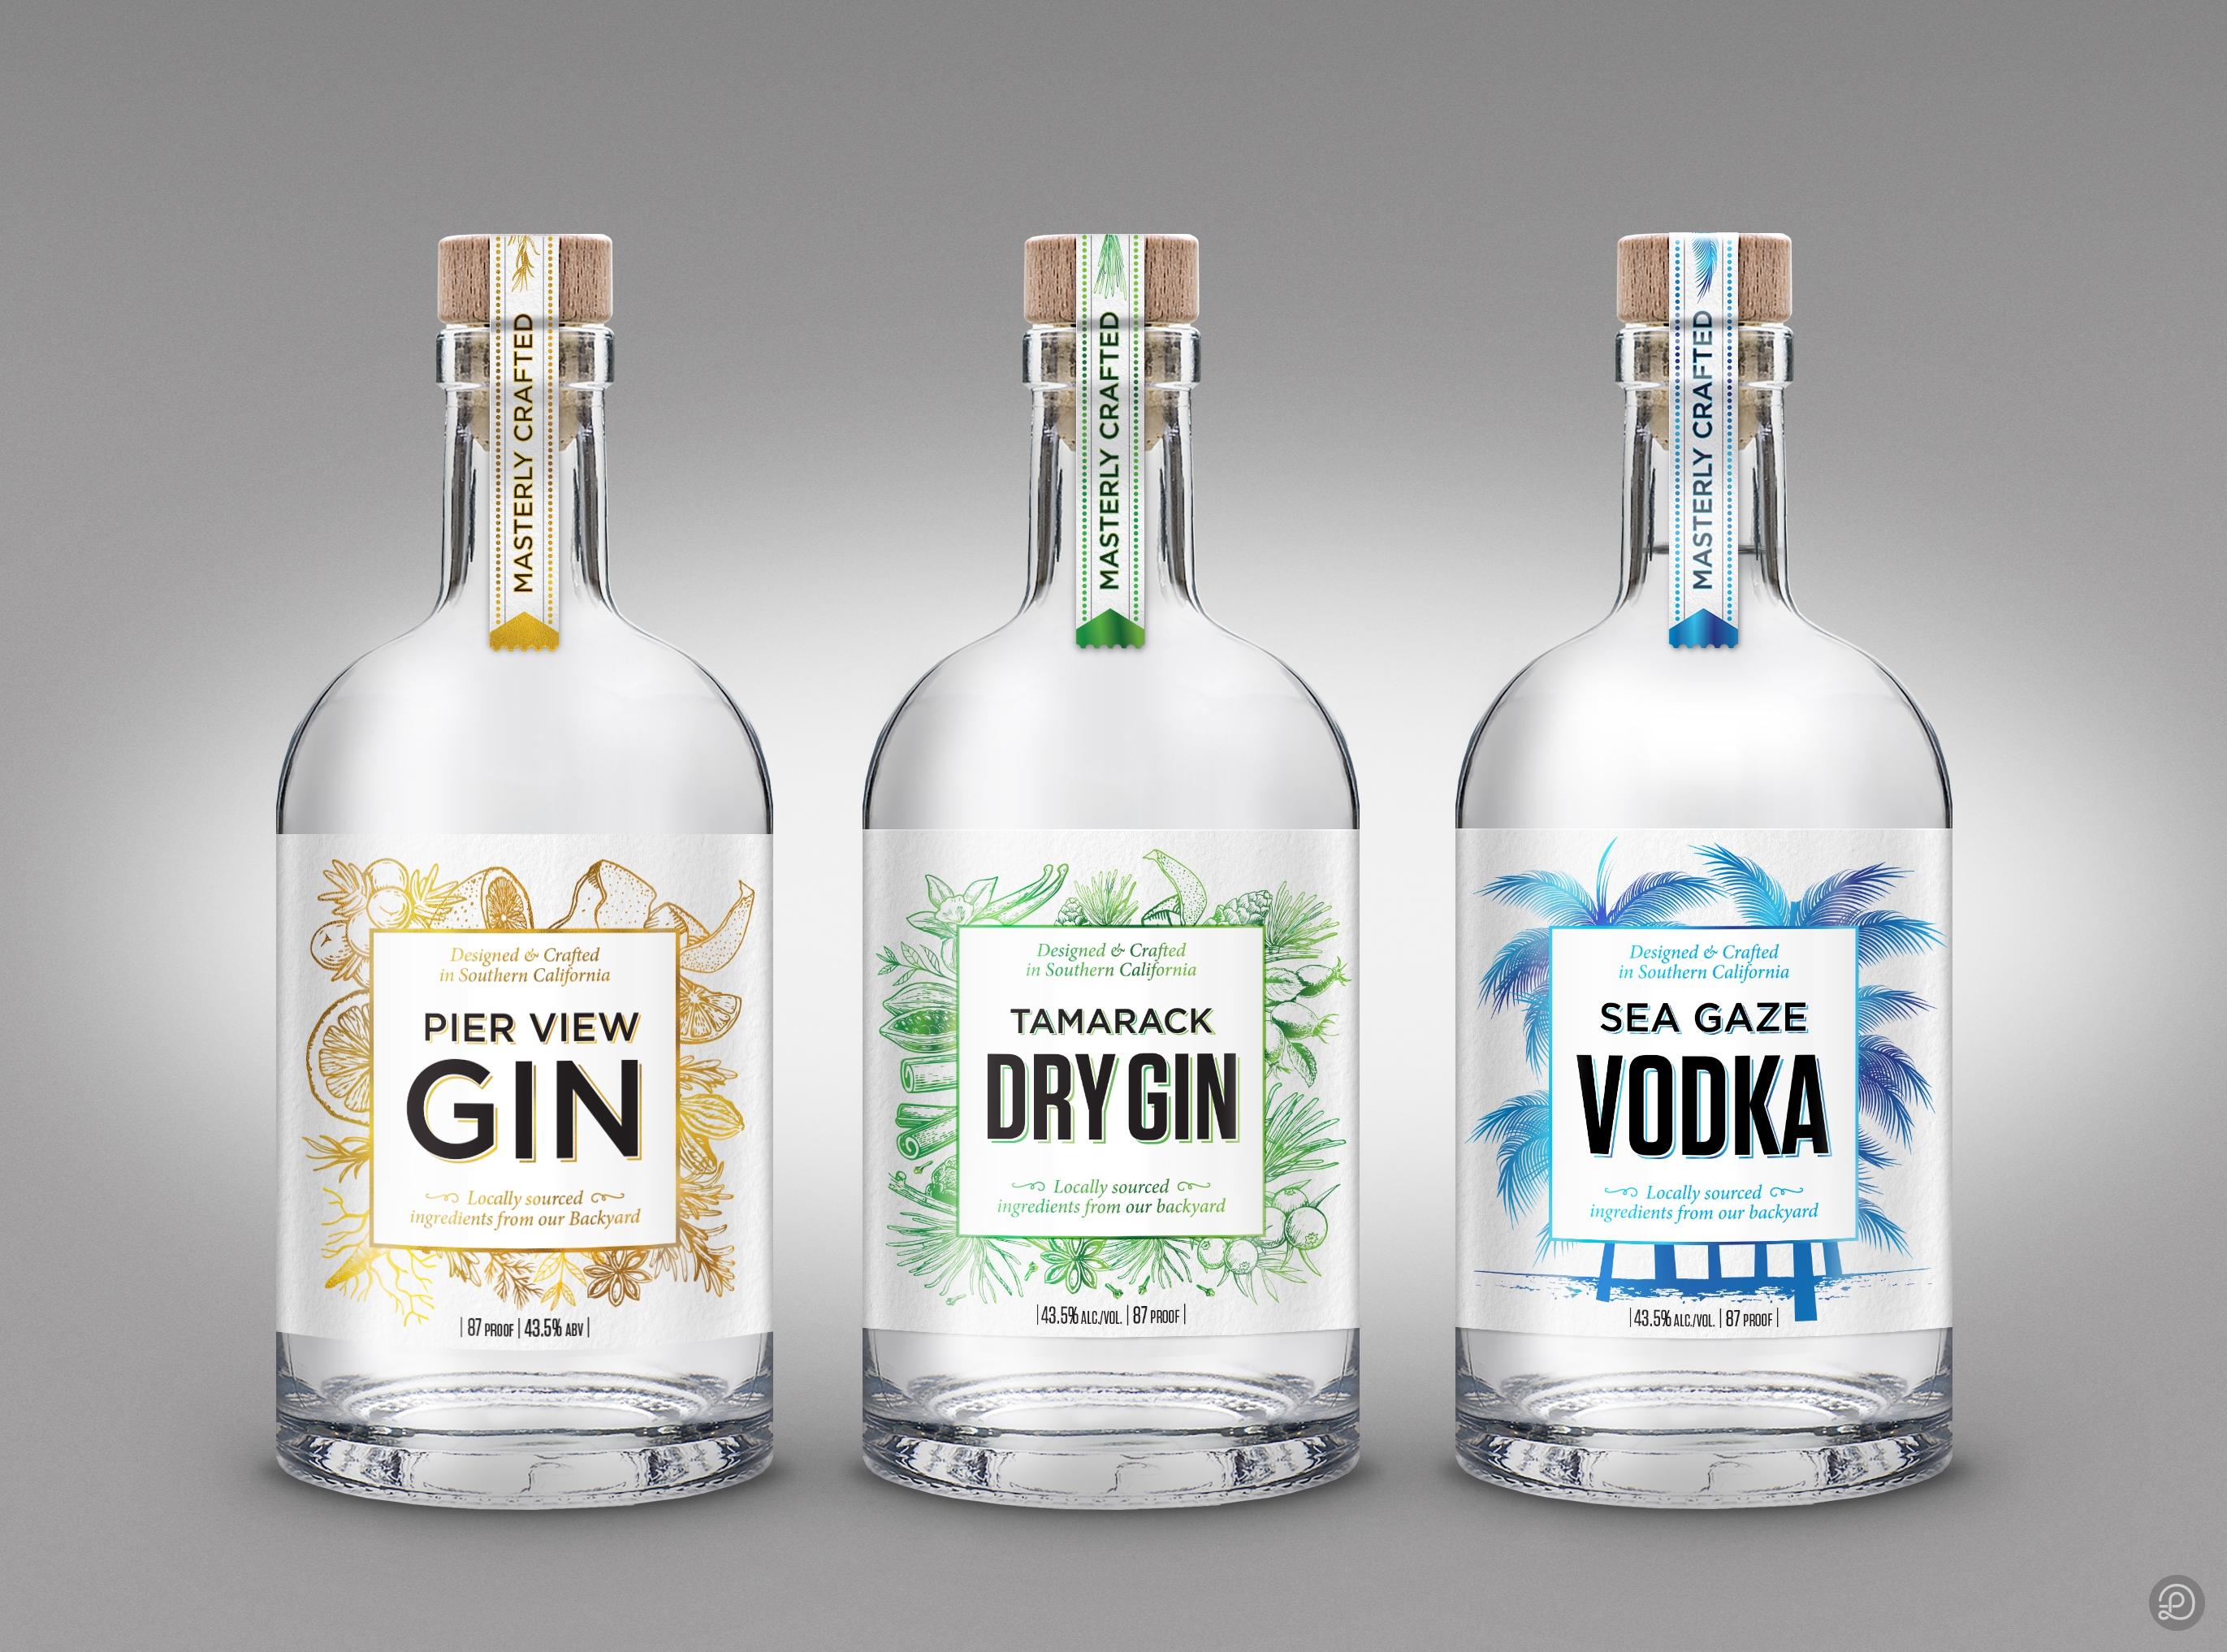 All 3 bottles